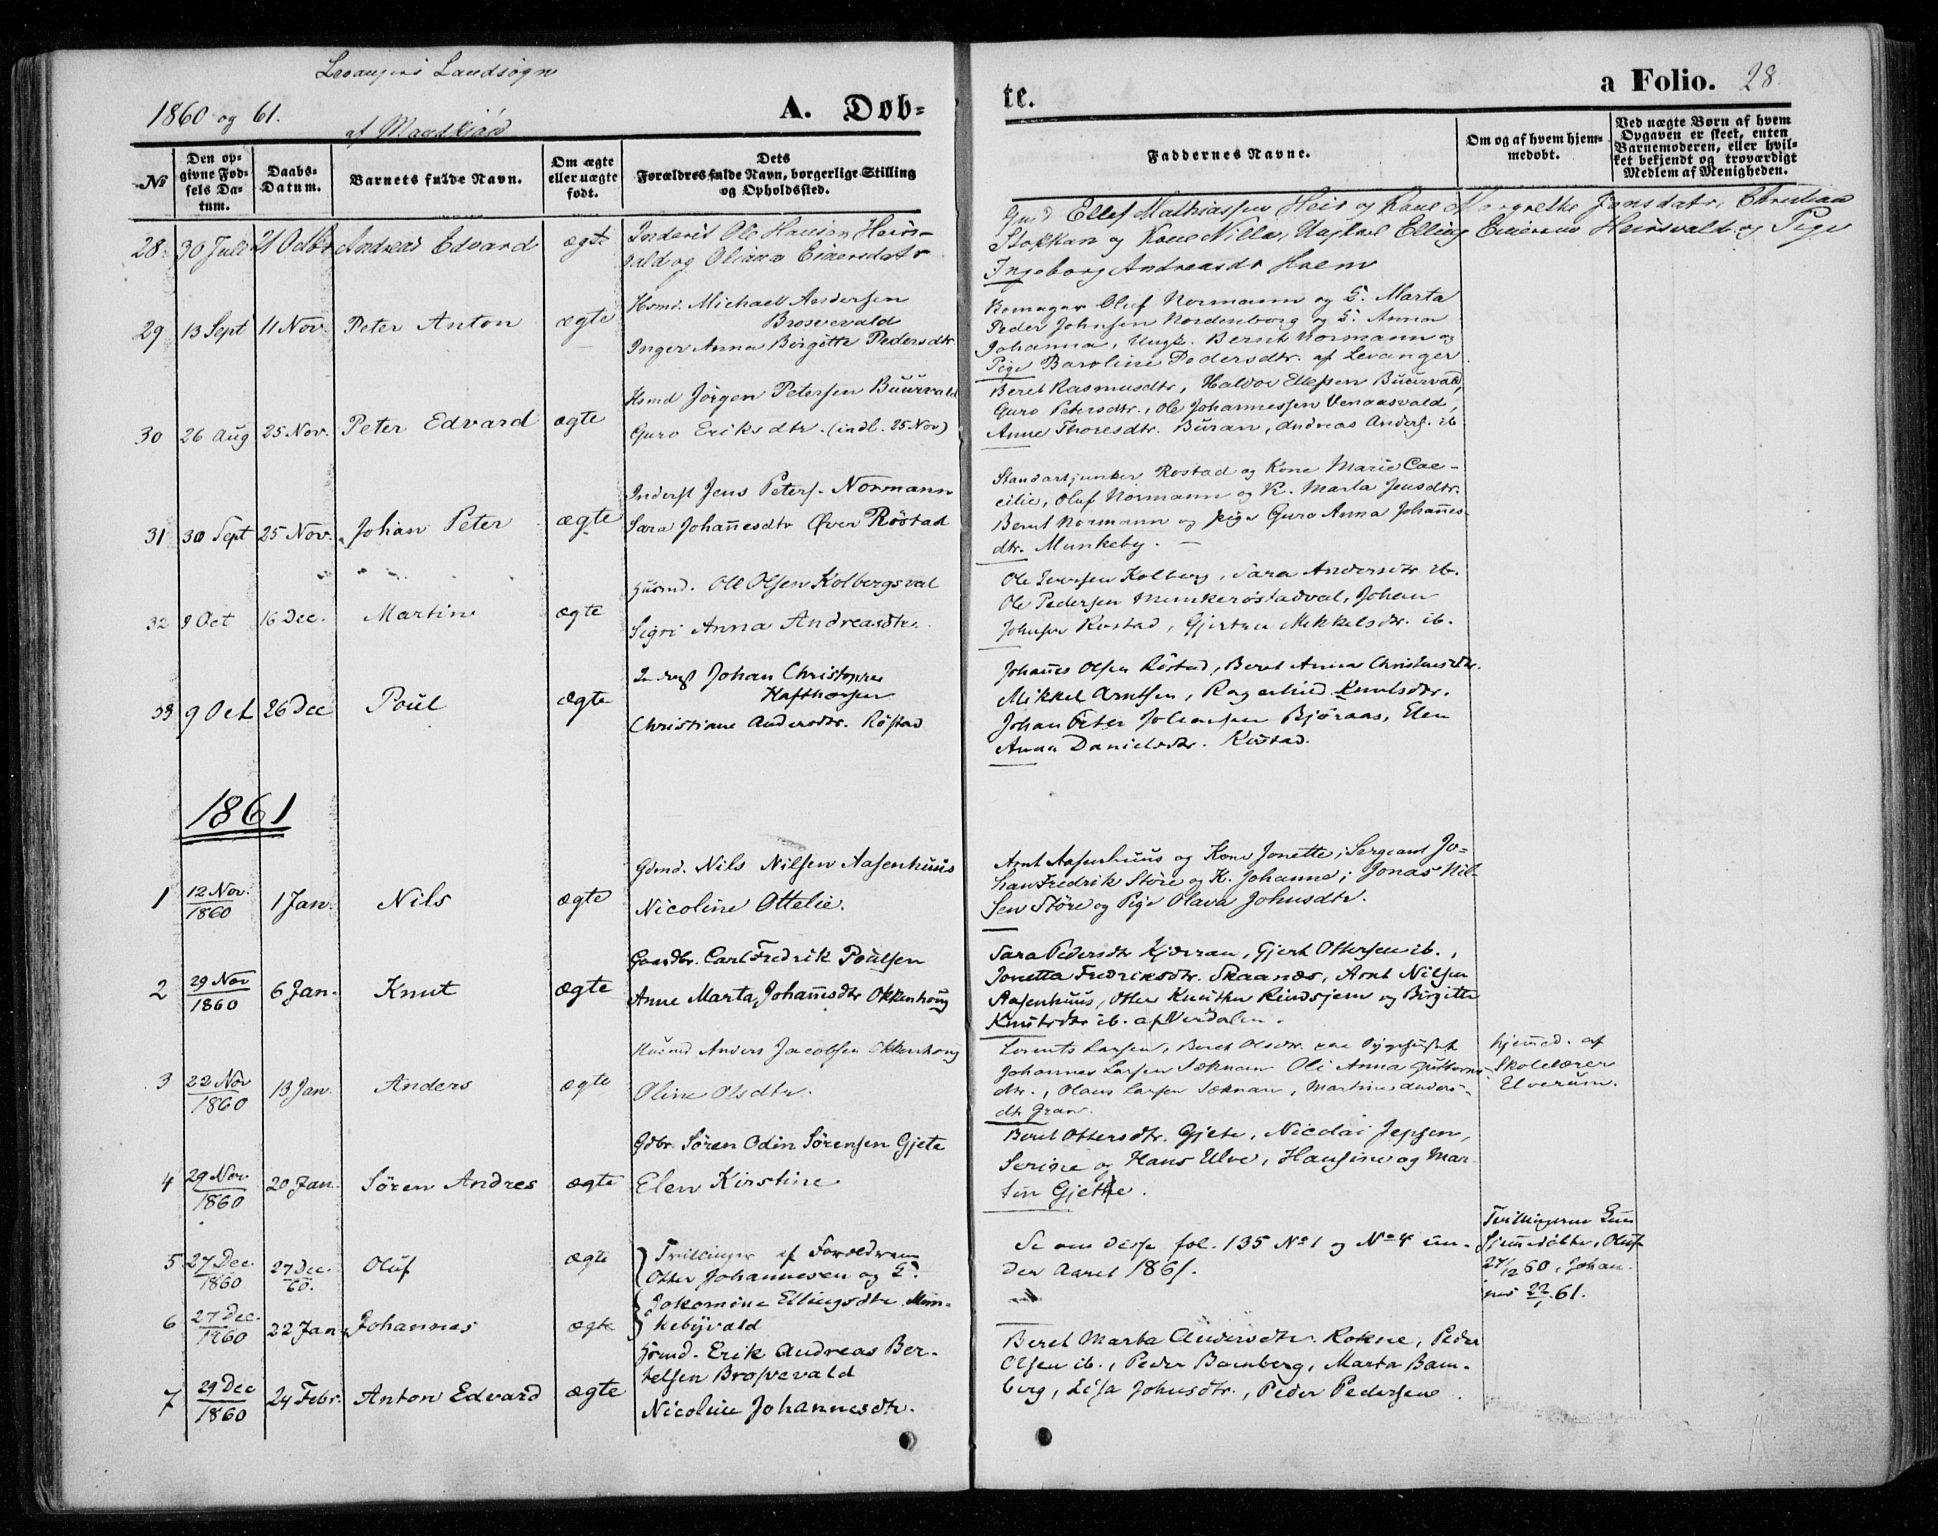 SAT, Ministerialprotokoller, klokkerbøker og fødselsregistre - Nord-Trøndelag, 720/L0184: Ministerialbok nr. 720A02 /2, 1855-1863, s. 28